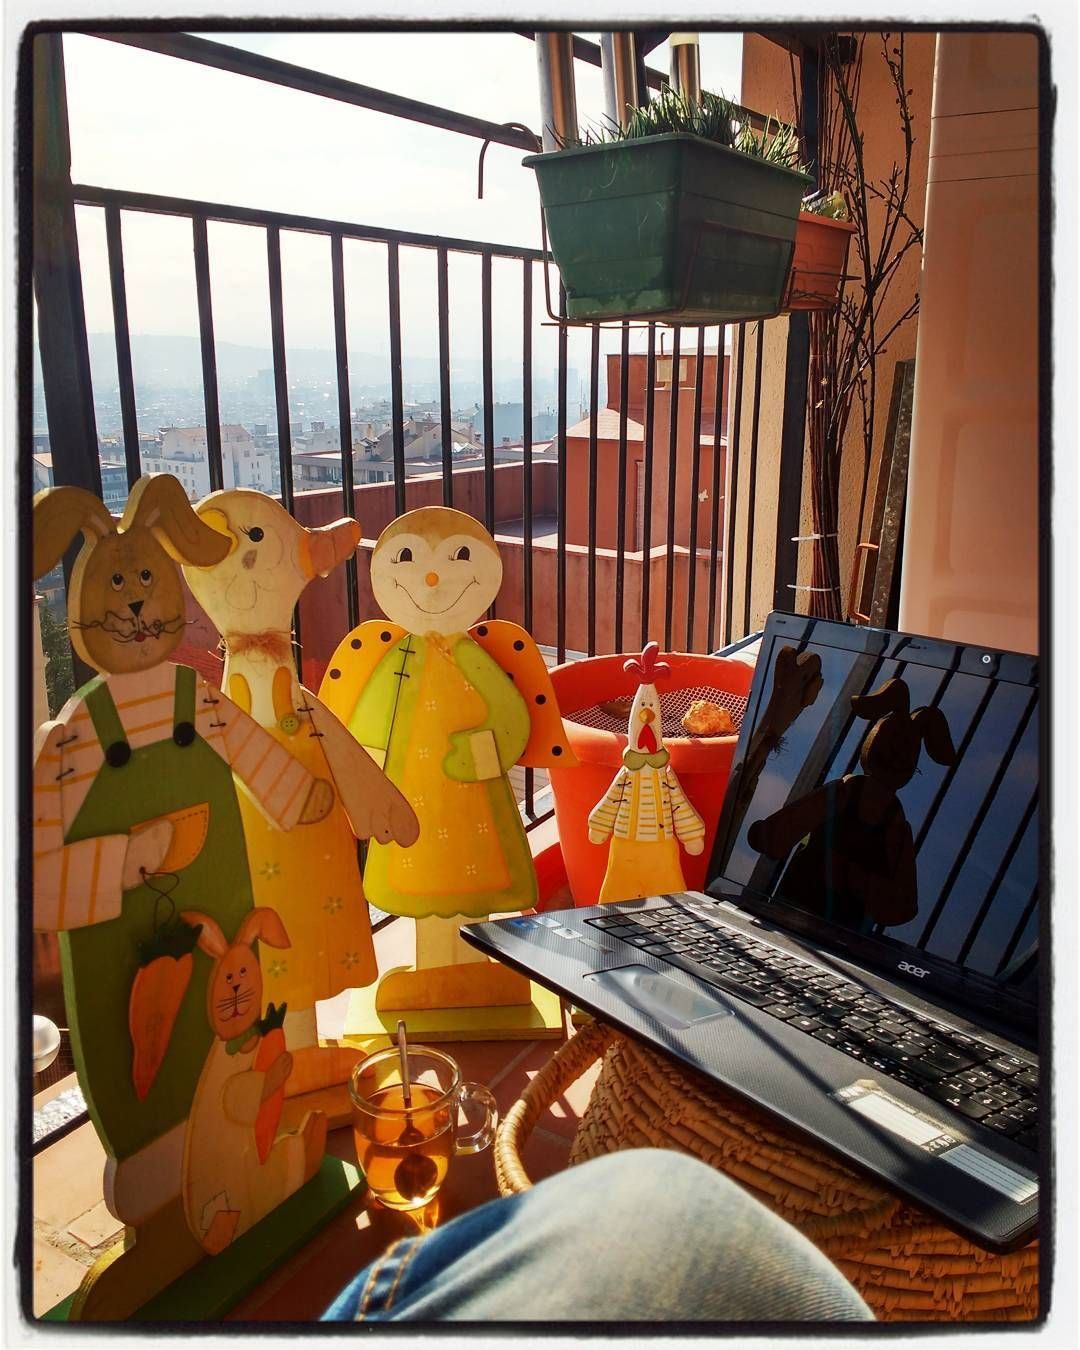 Té de media mañana (con los colegas de palo) aprovechando el sol de invierno...es lo que tiene trabajar en casa a veces (el gato no quiso salir la foto porque le quité su sofá)